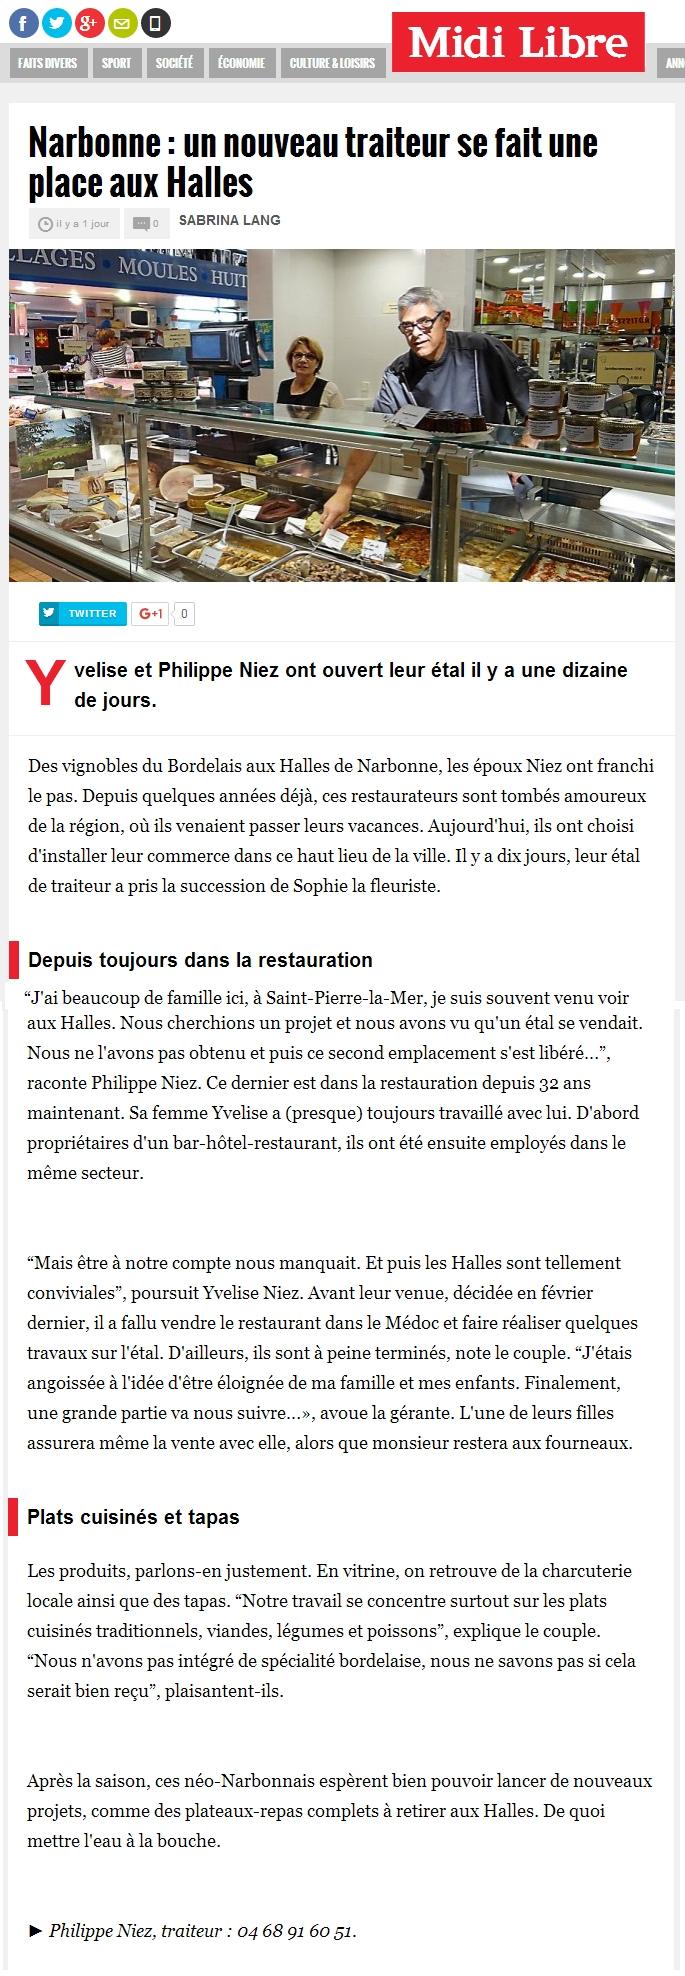 halles_narbonne_midi-libre_philippe_niez_traiteur_24-05-2017